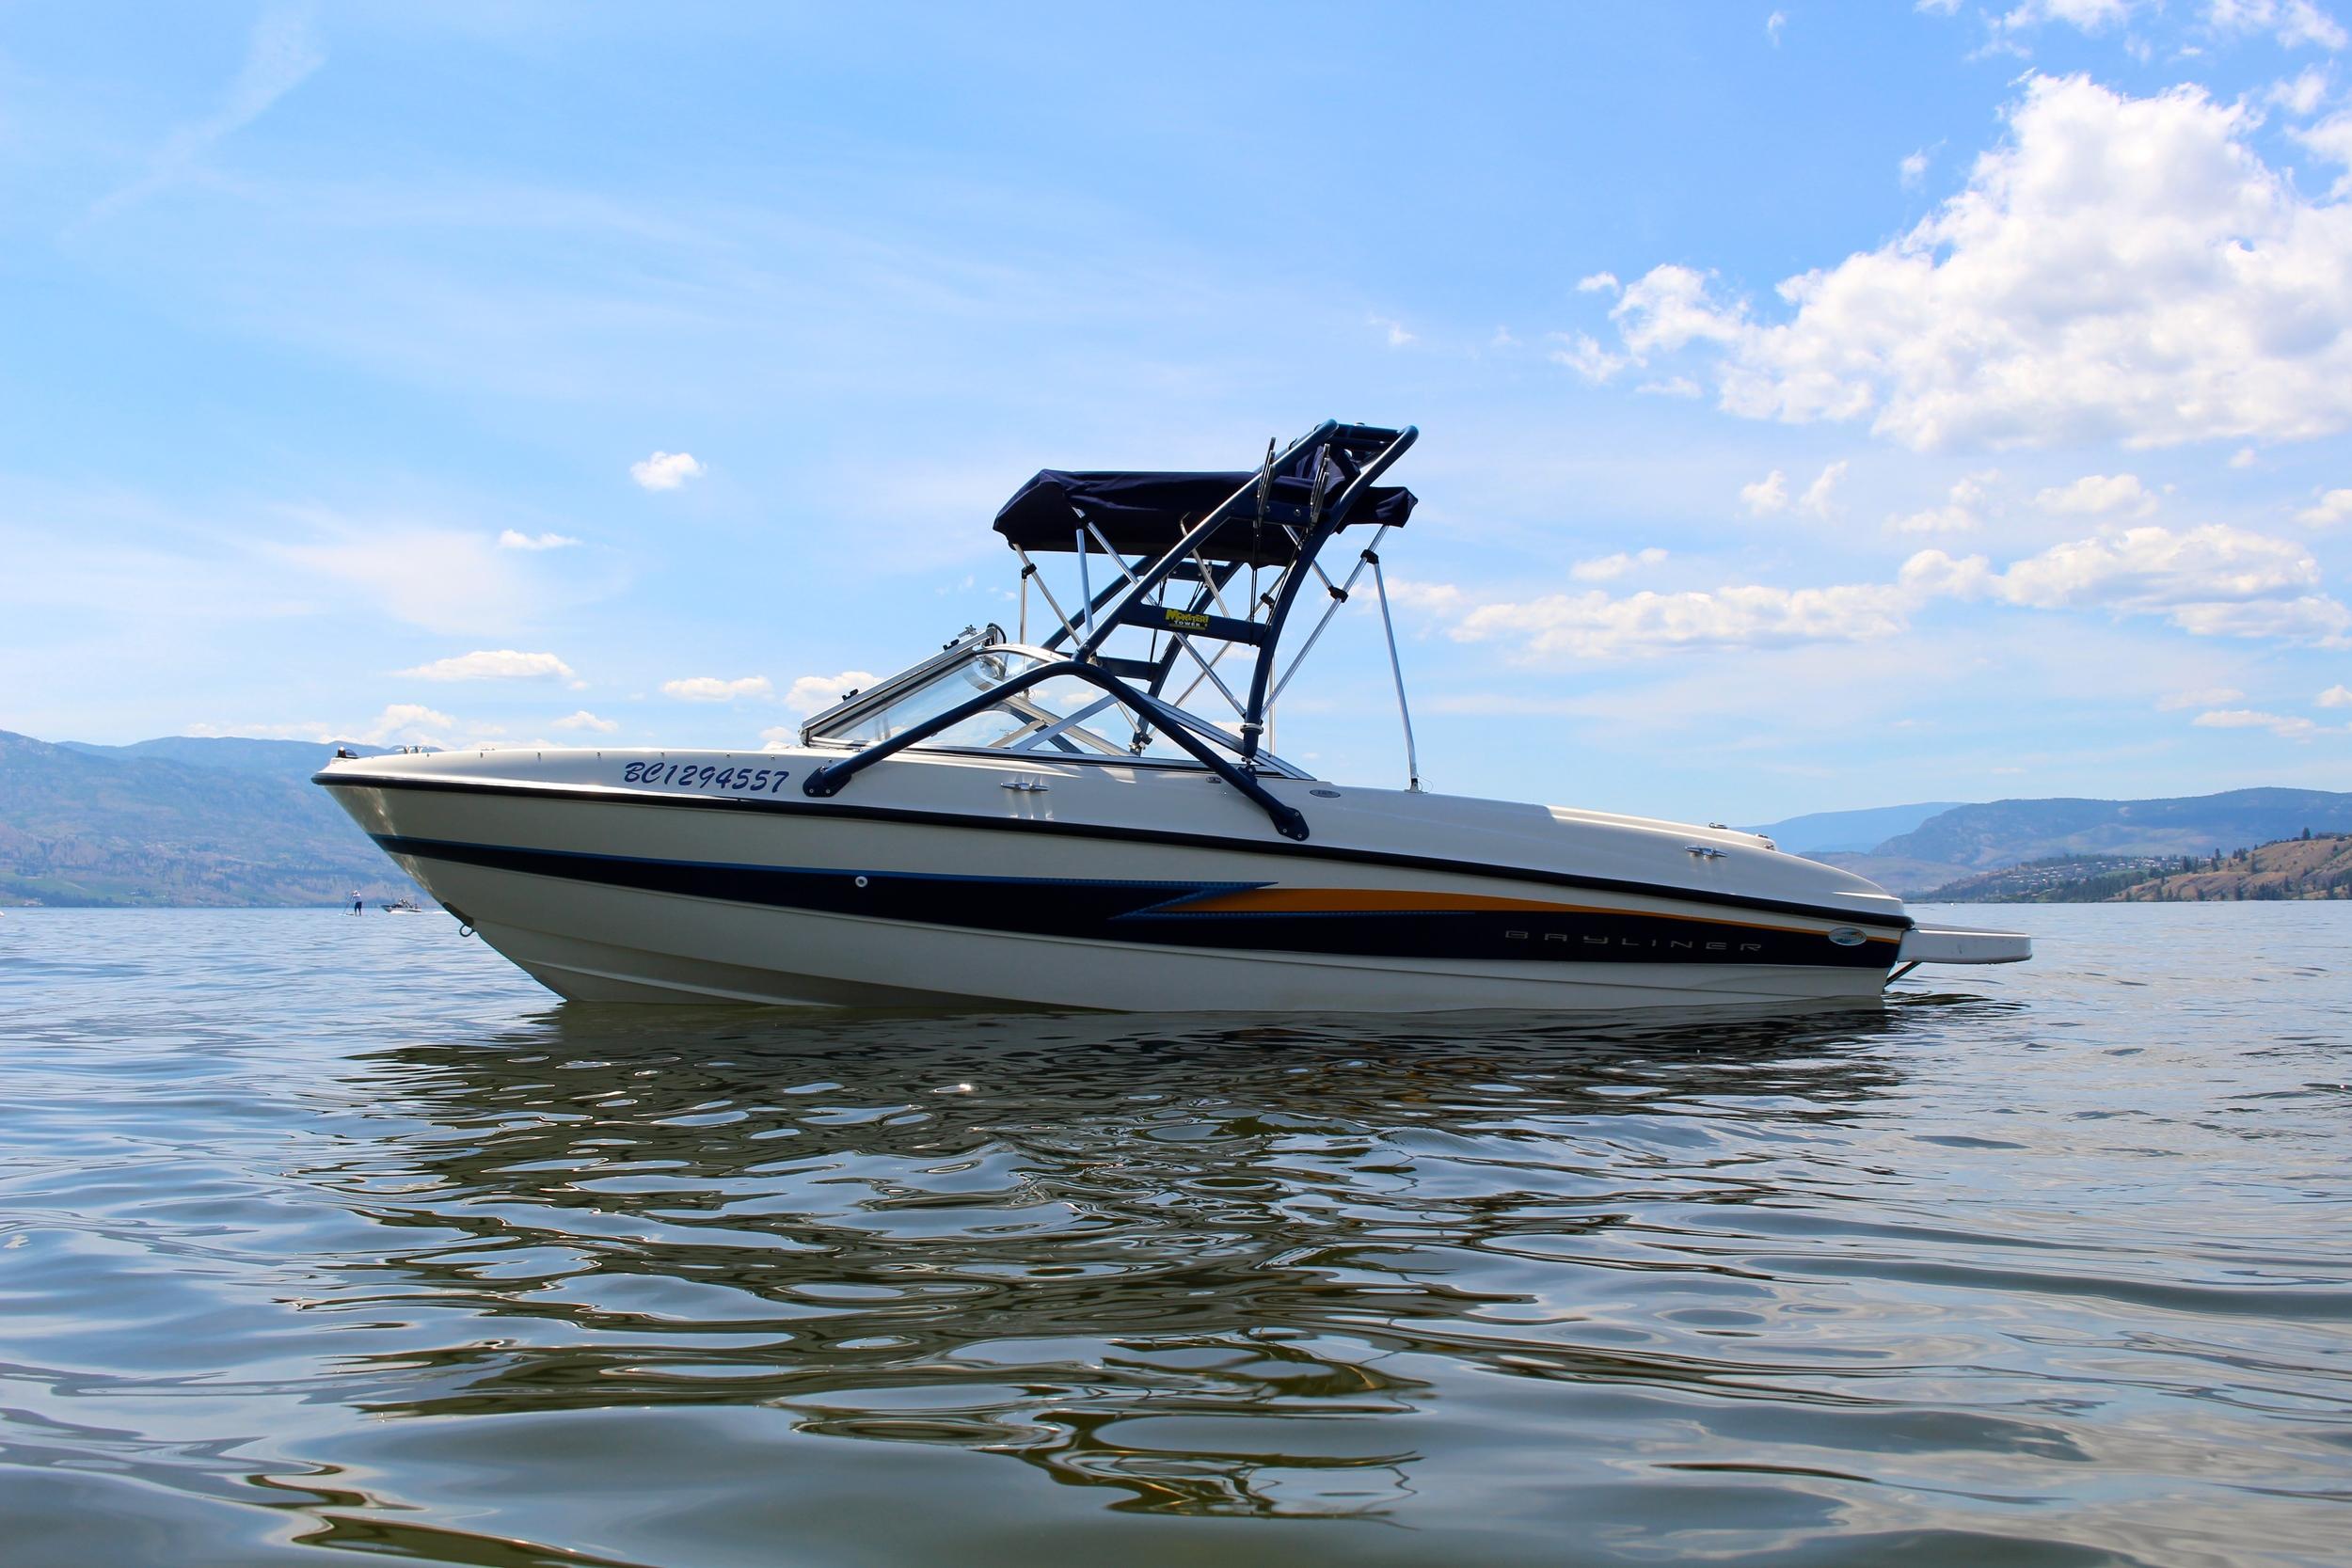 Okanagan Lake Boat Rentals (Kelowna, BC) Bayliner